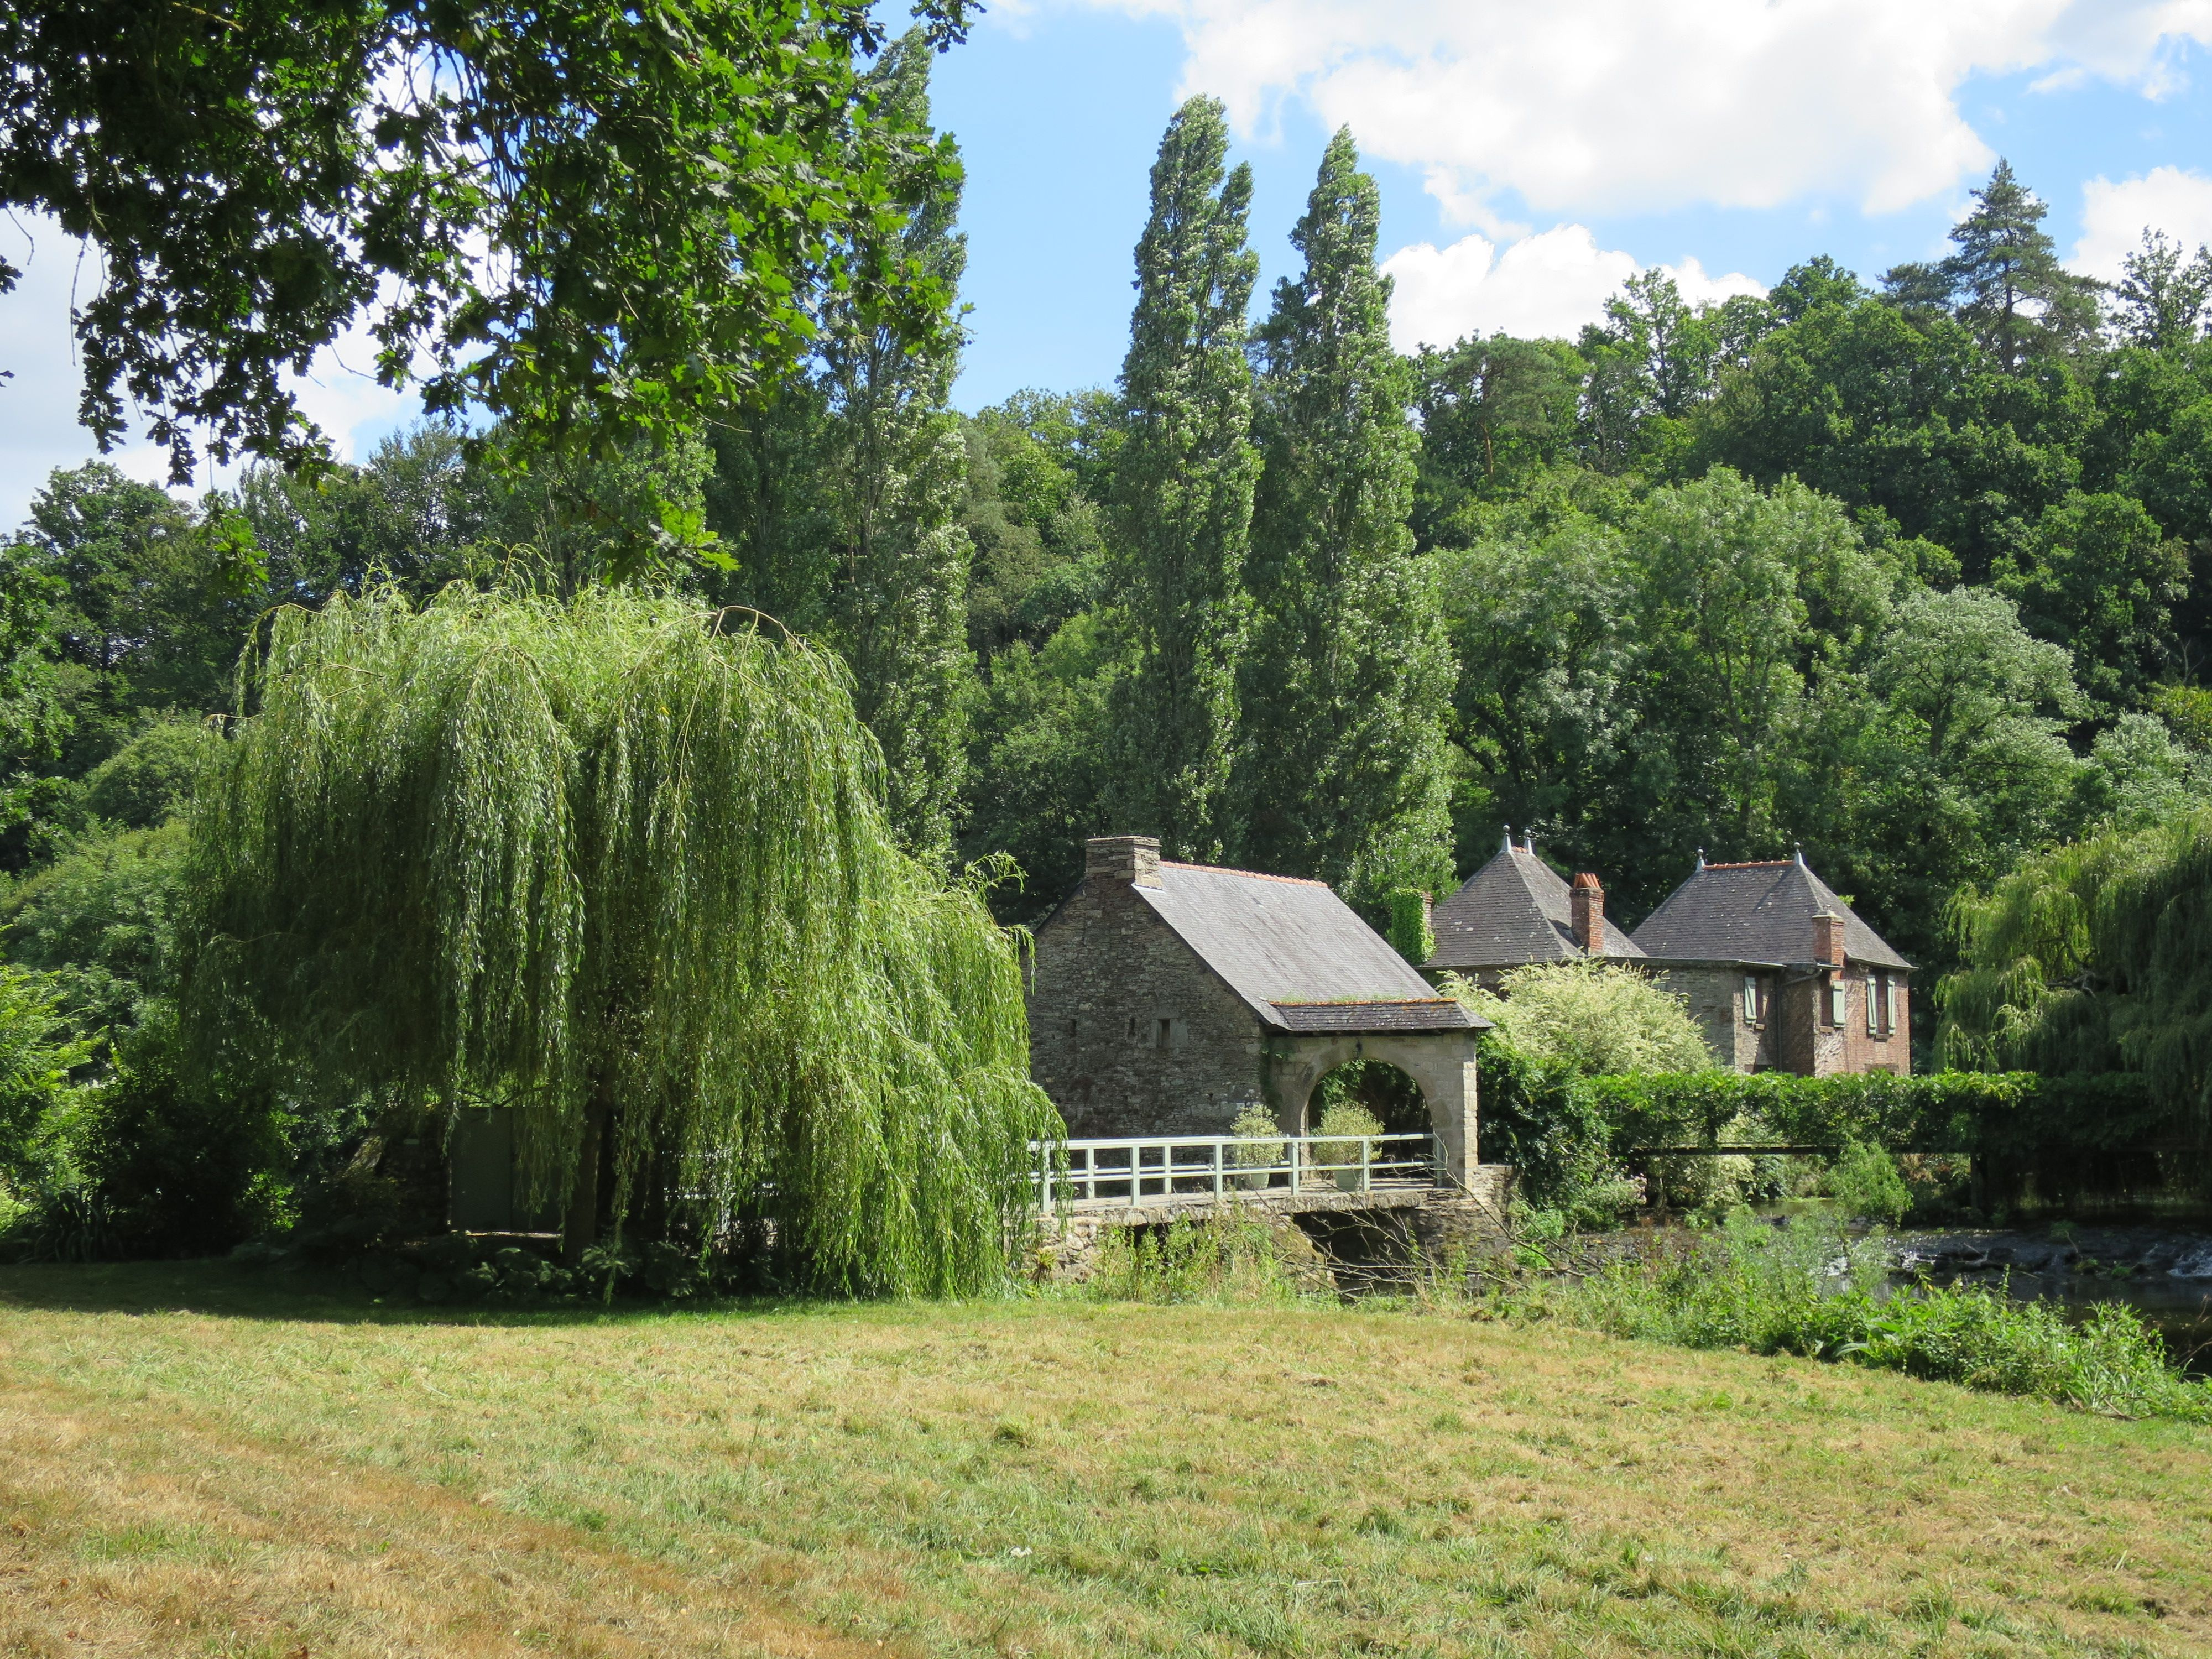 foto de Moulin de Beaufort - Josselin - Canal de Nantes à Brest - #nature ...